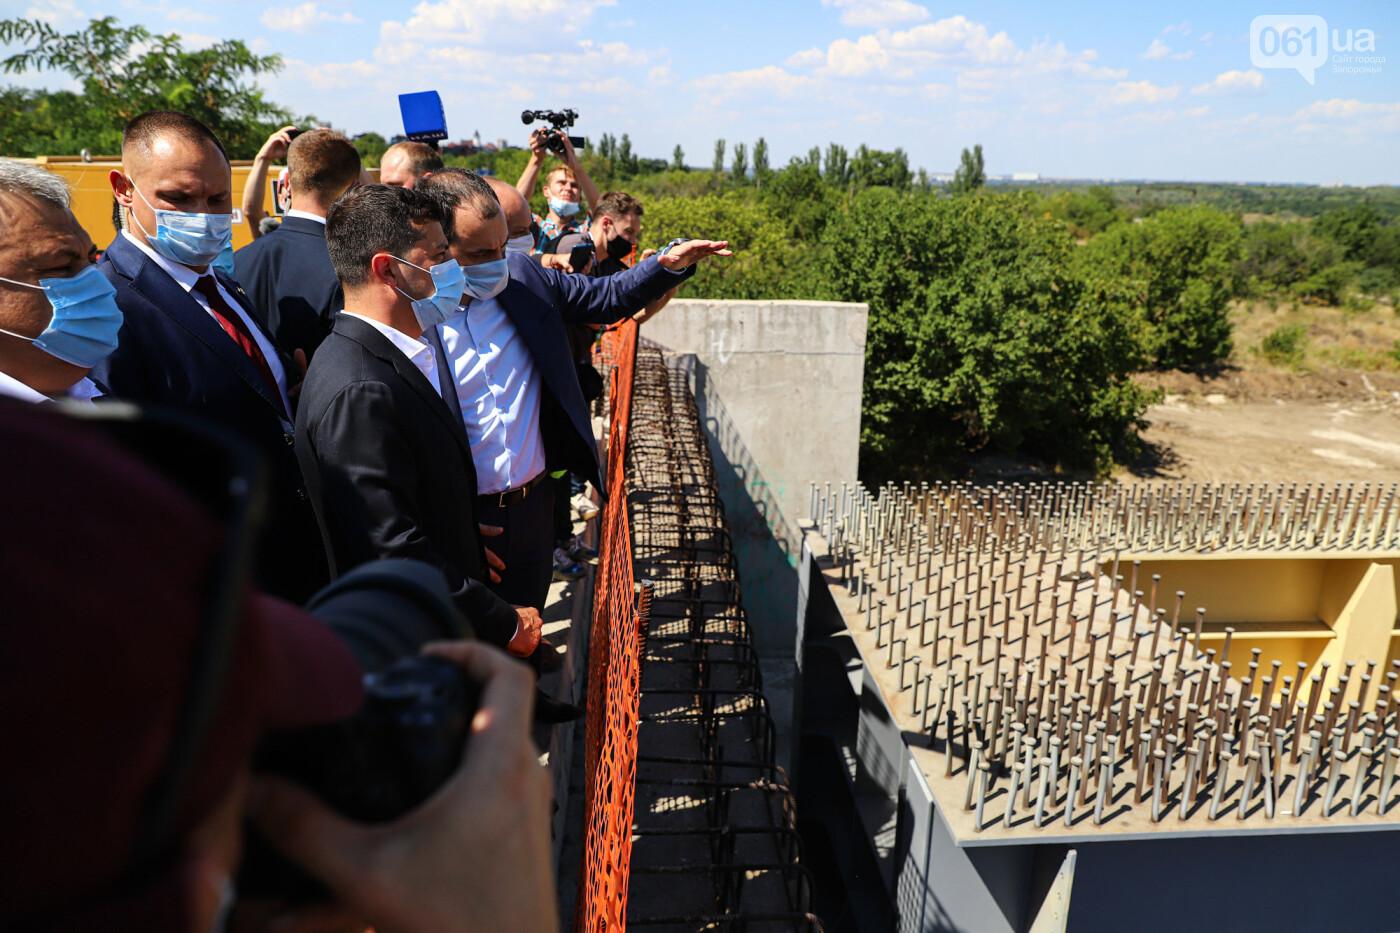 Визит Зеленского в Запорожье в фотографиях и высказываниях, фото-31